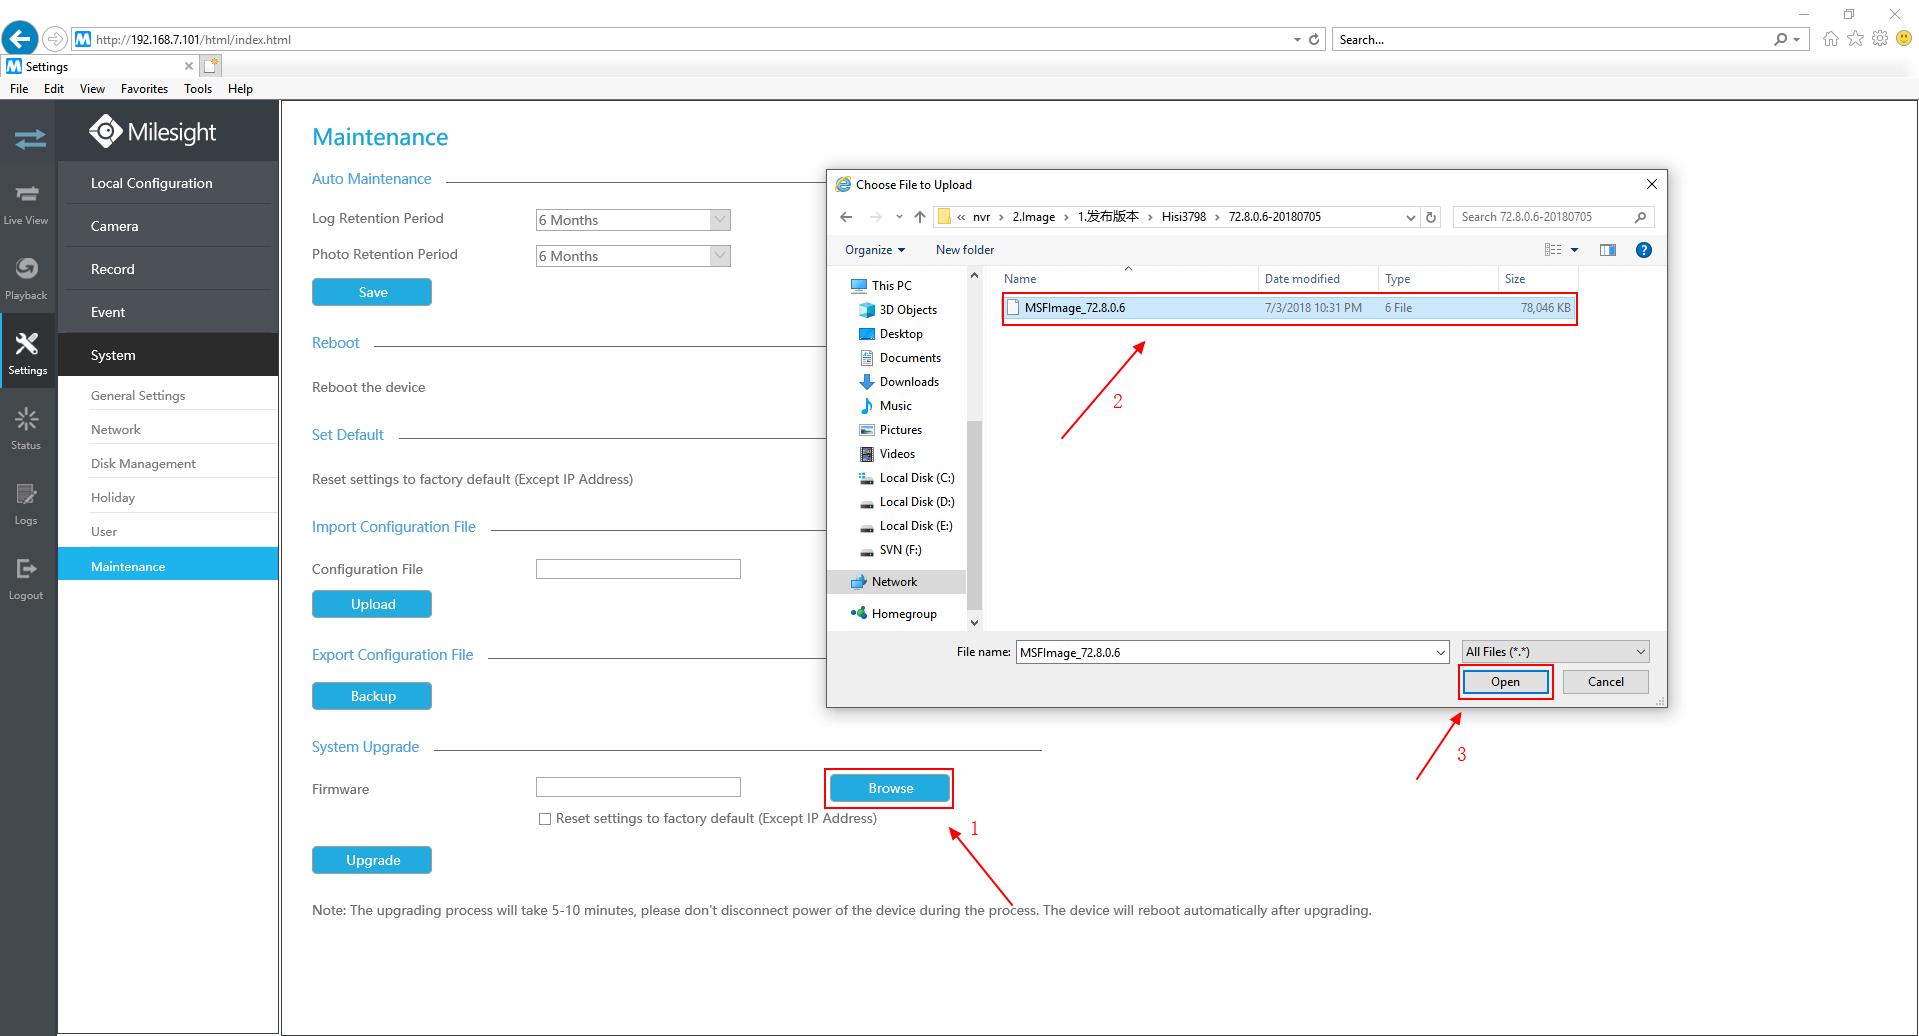 Upgrade on web